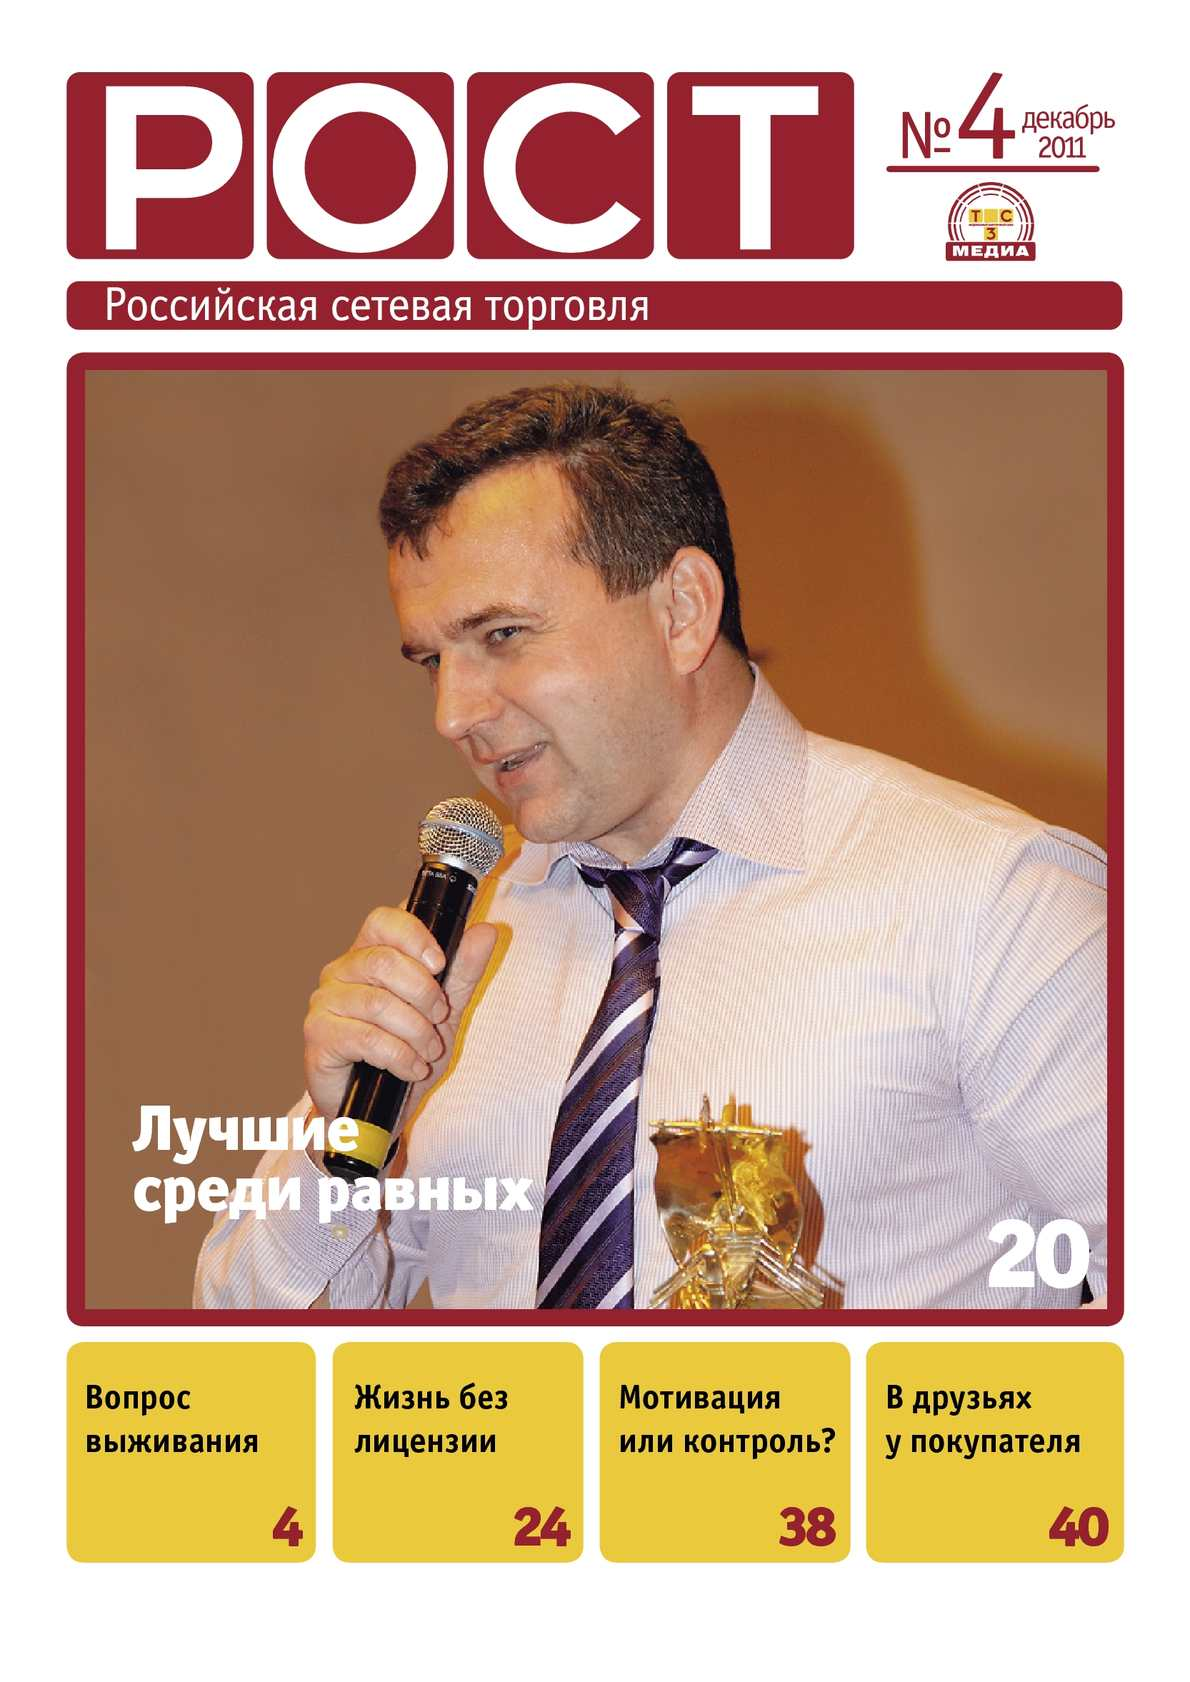 РОСТ. Российская сетевая торговля #4